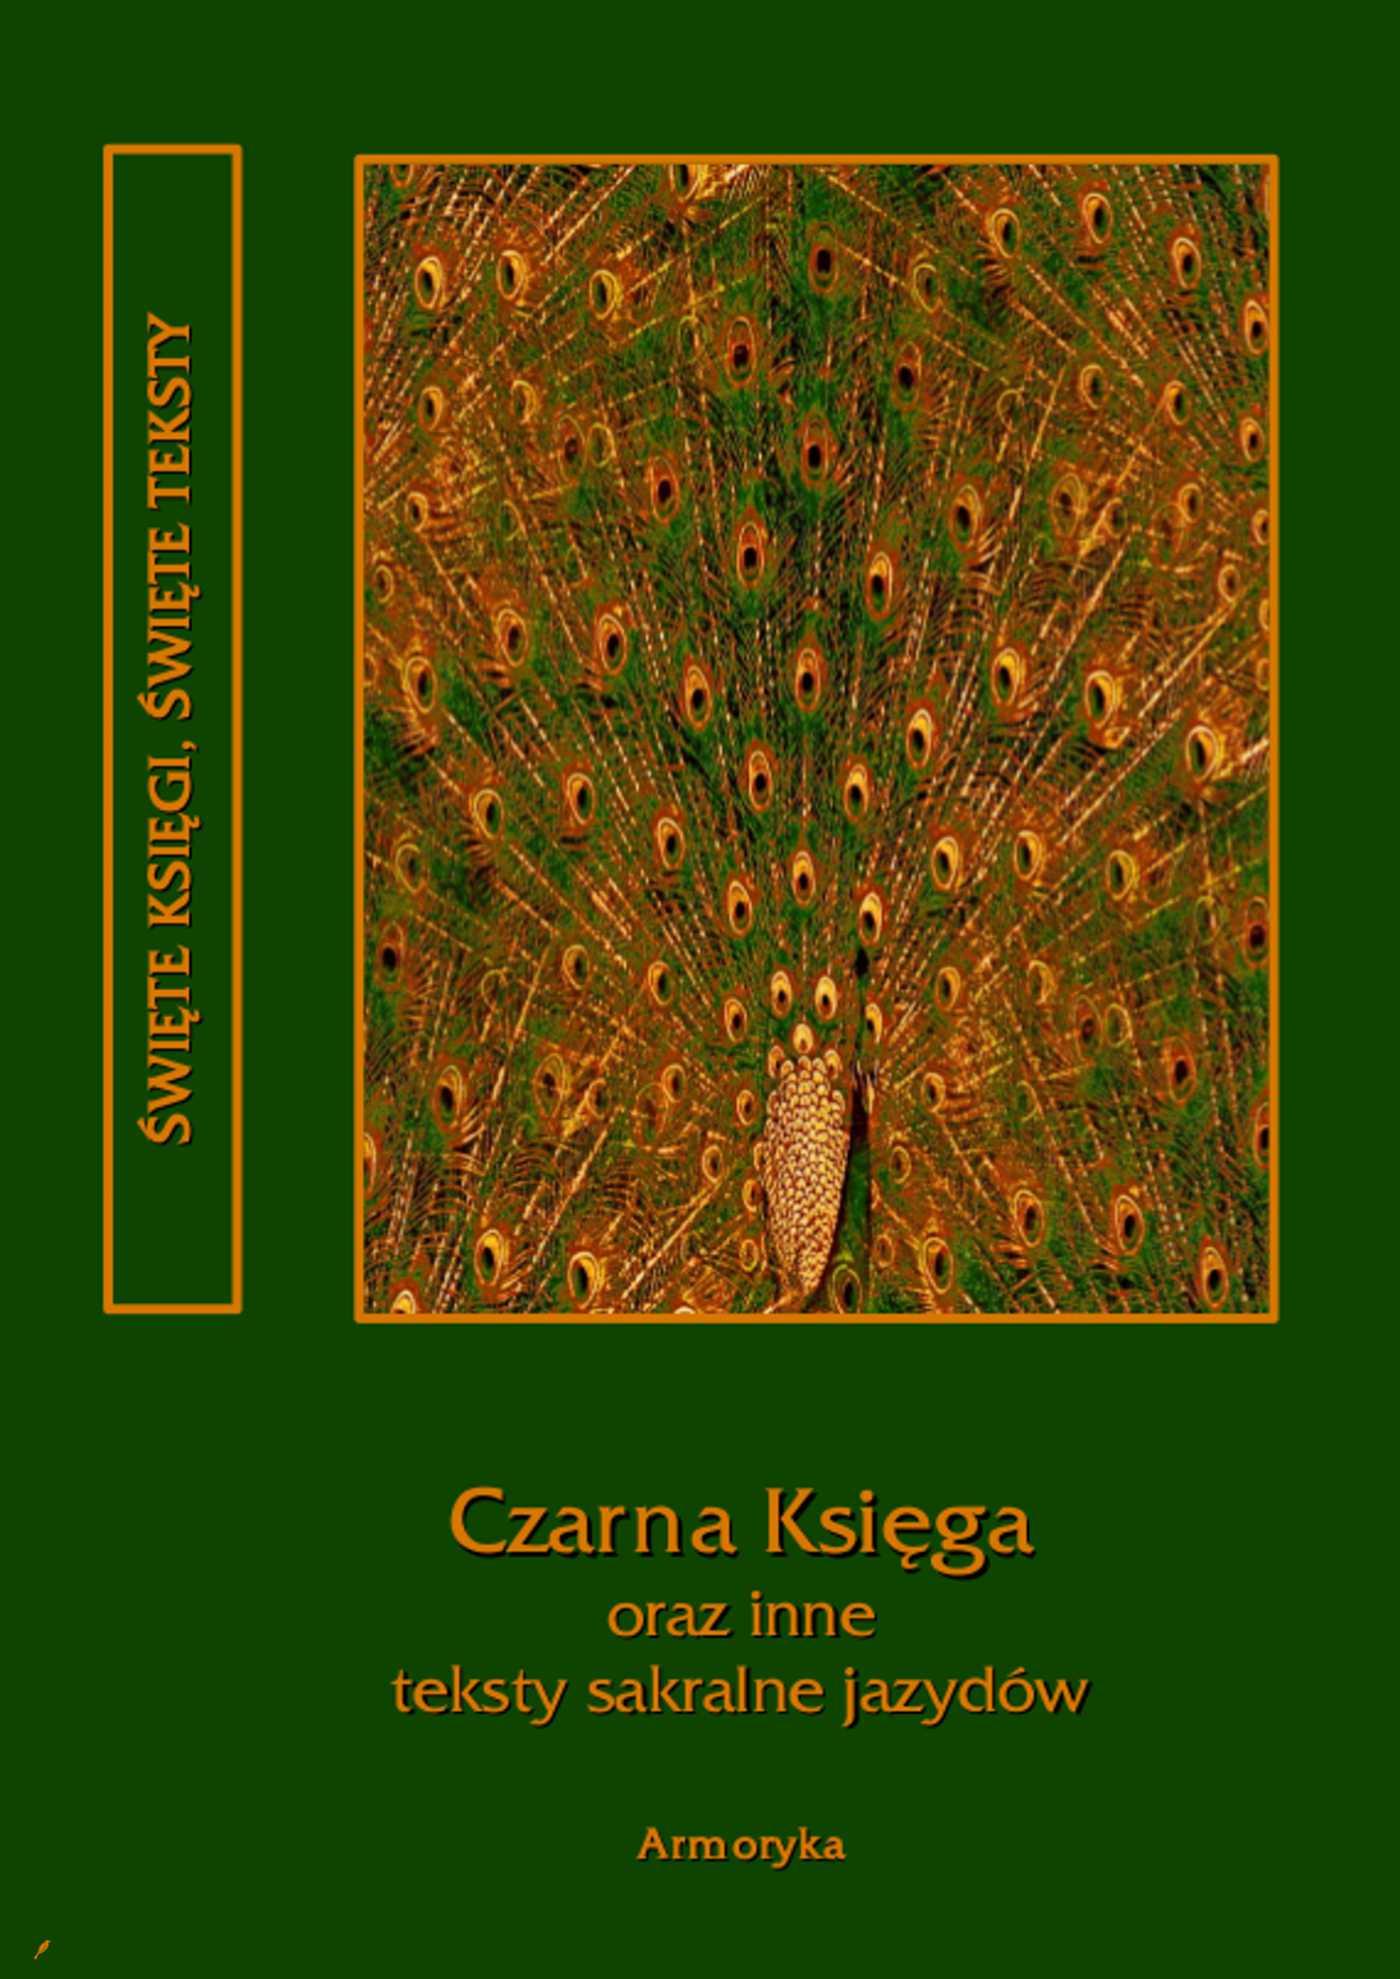 Czarna Księga oraz inne teksty sakralne jazydów - Ebook (Książka EPUB) do pobrania w formacie EPUB